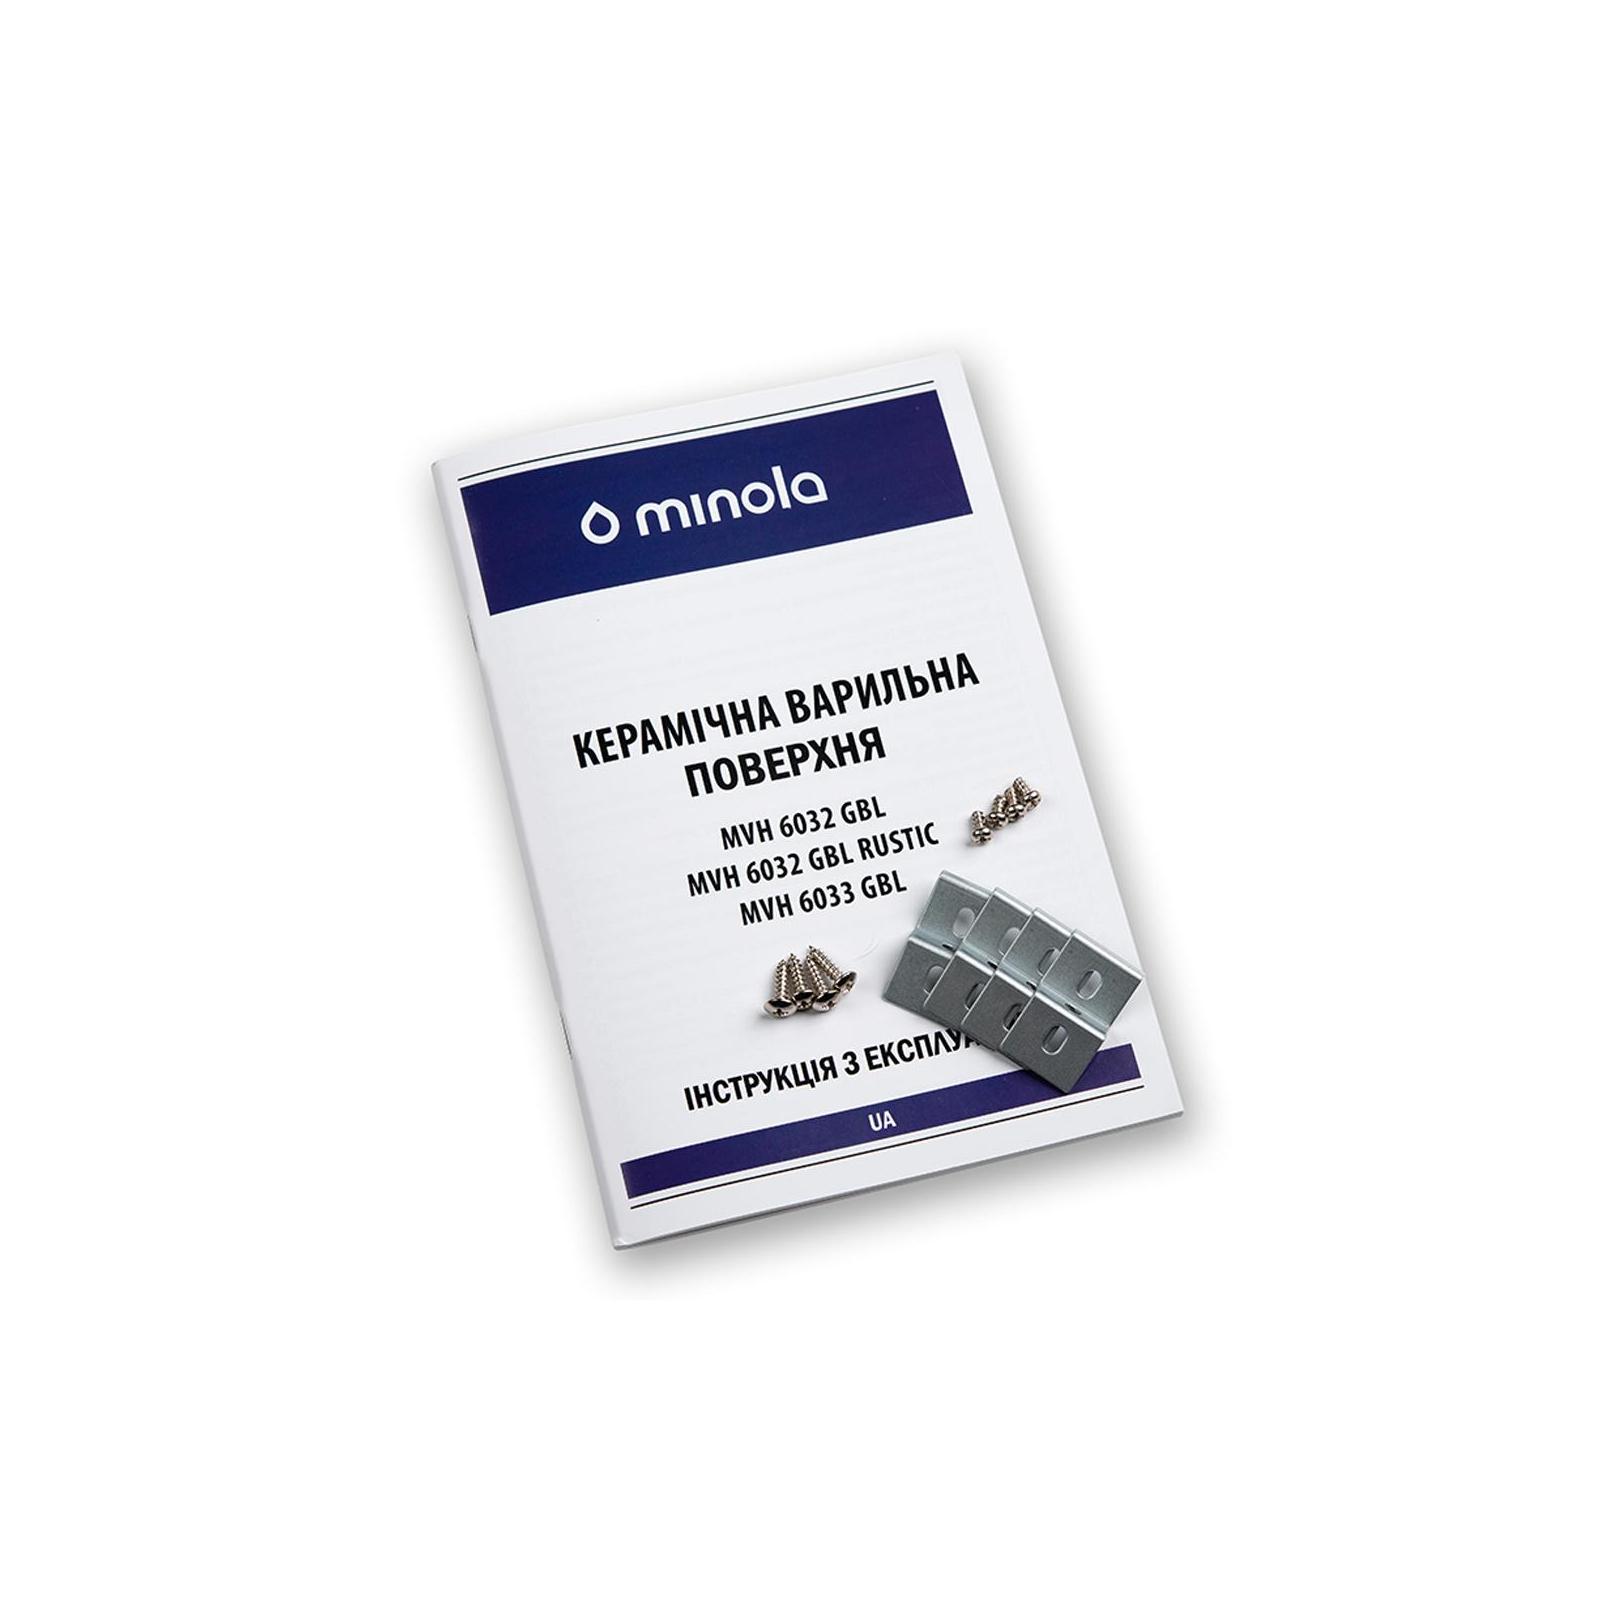 Варочная поверхность MINOLA MVH 6033 GBL изображение 9